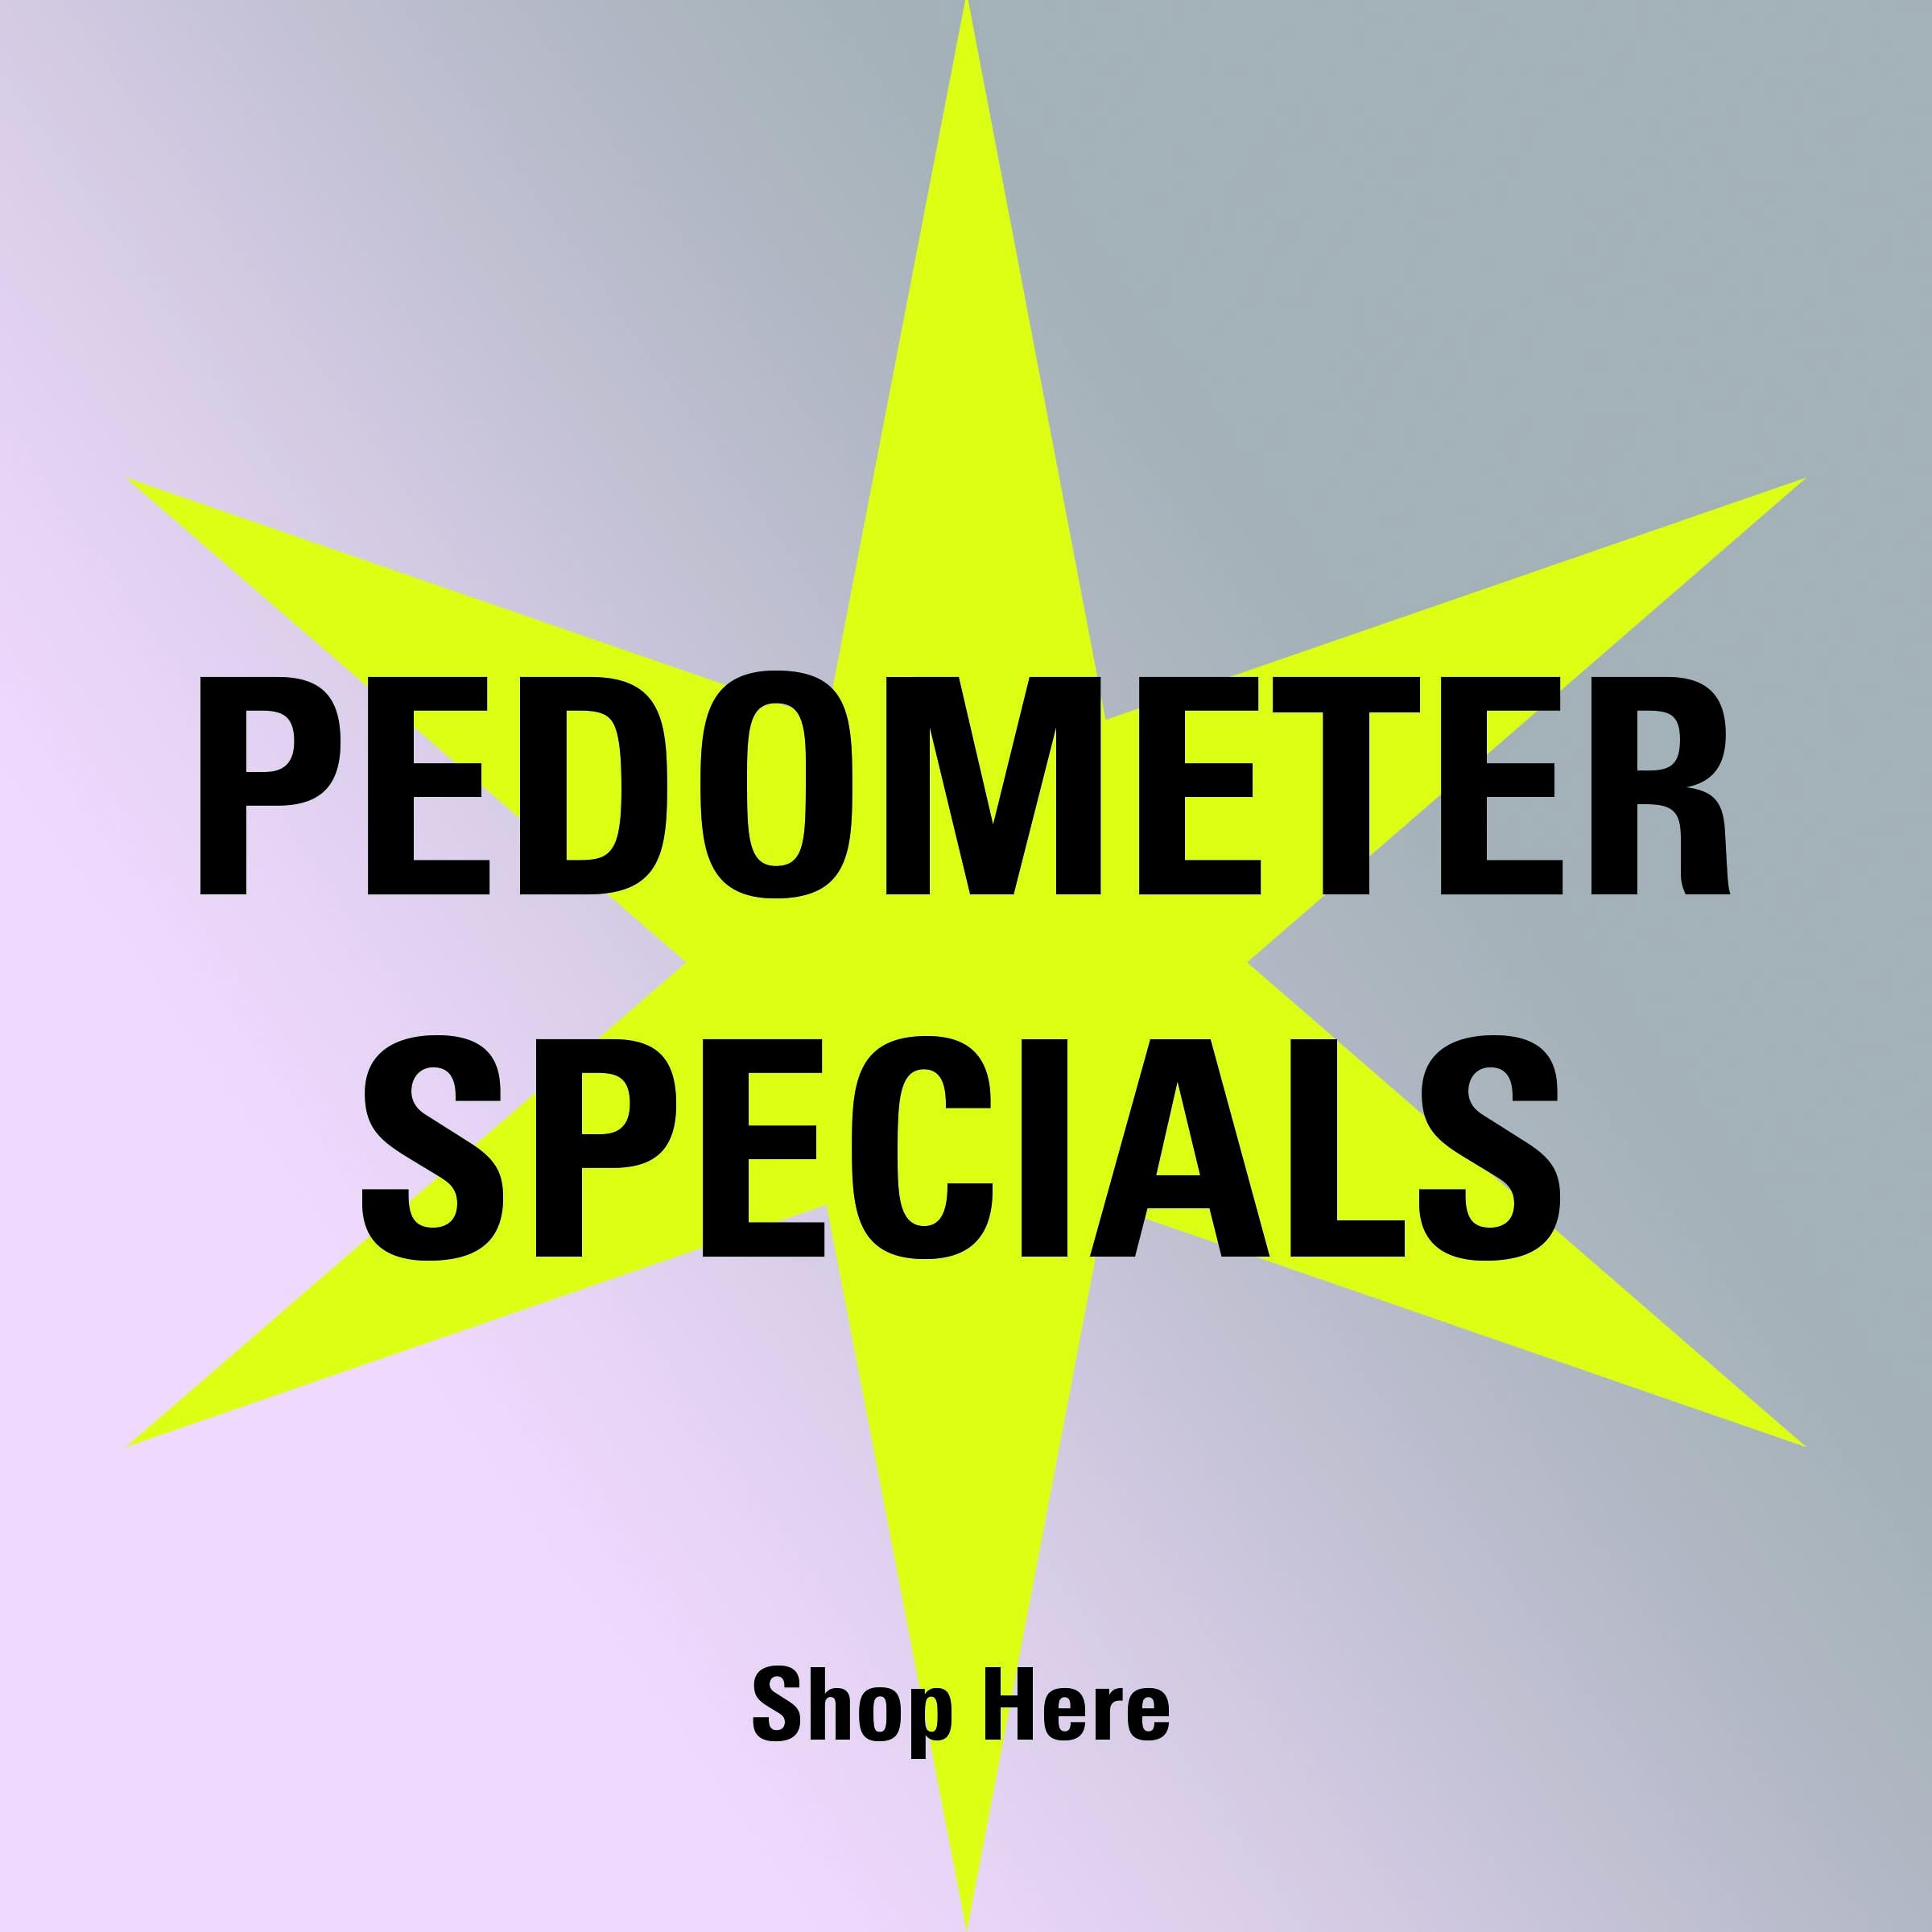 Pedometer Specials icon on Pedometer.com